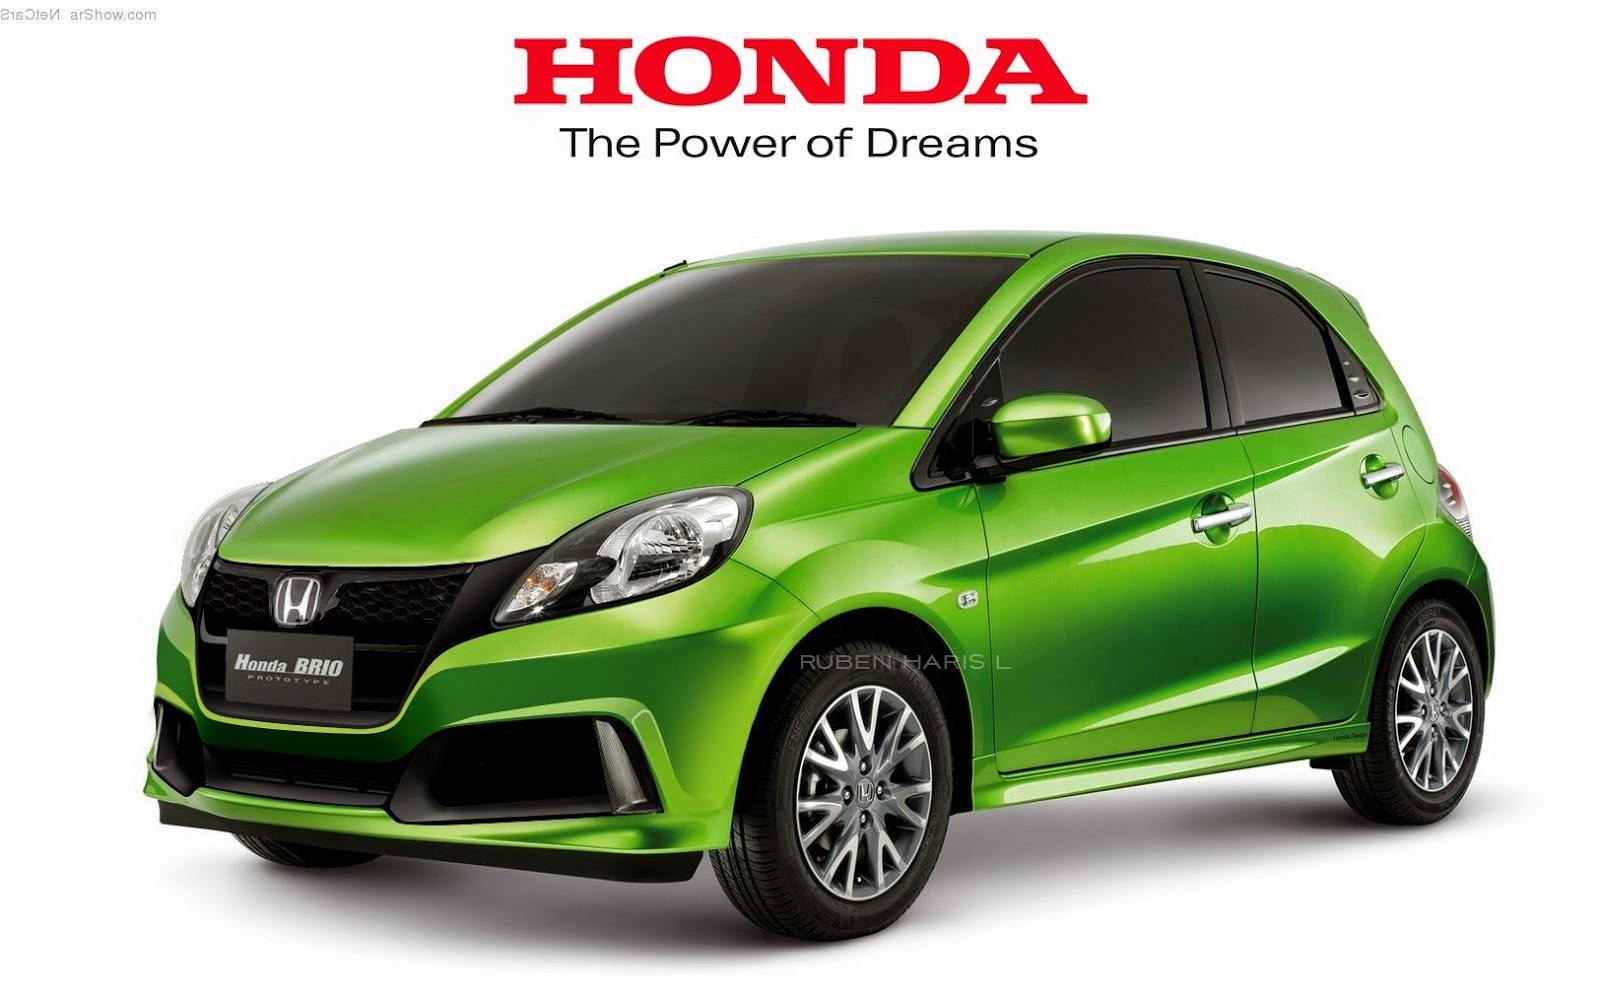 Daftar Harga Honda Brio dan Spesifikasinya